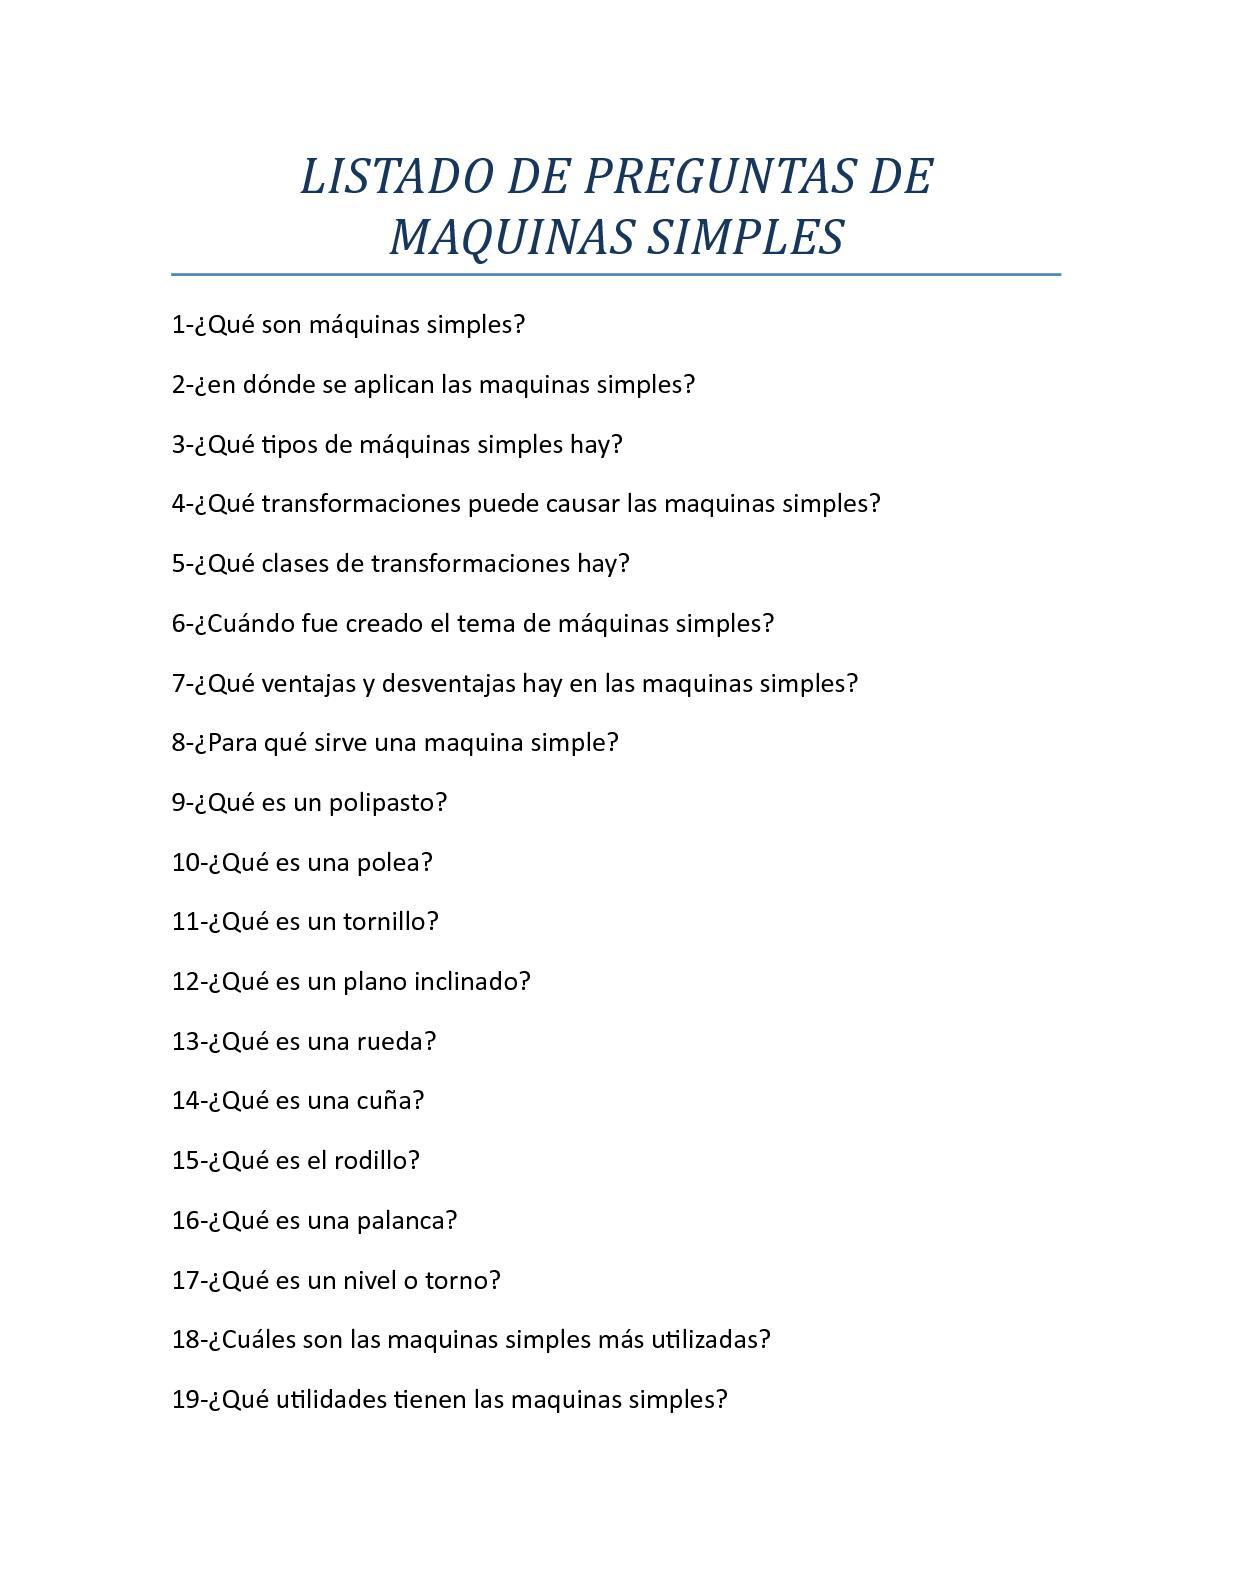 Listado De Preguntas De Maquinas Simples